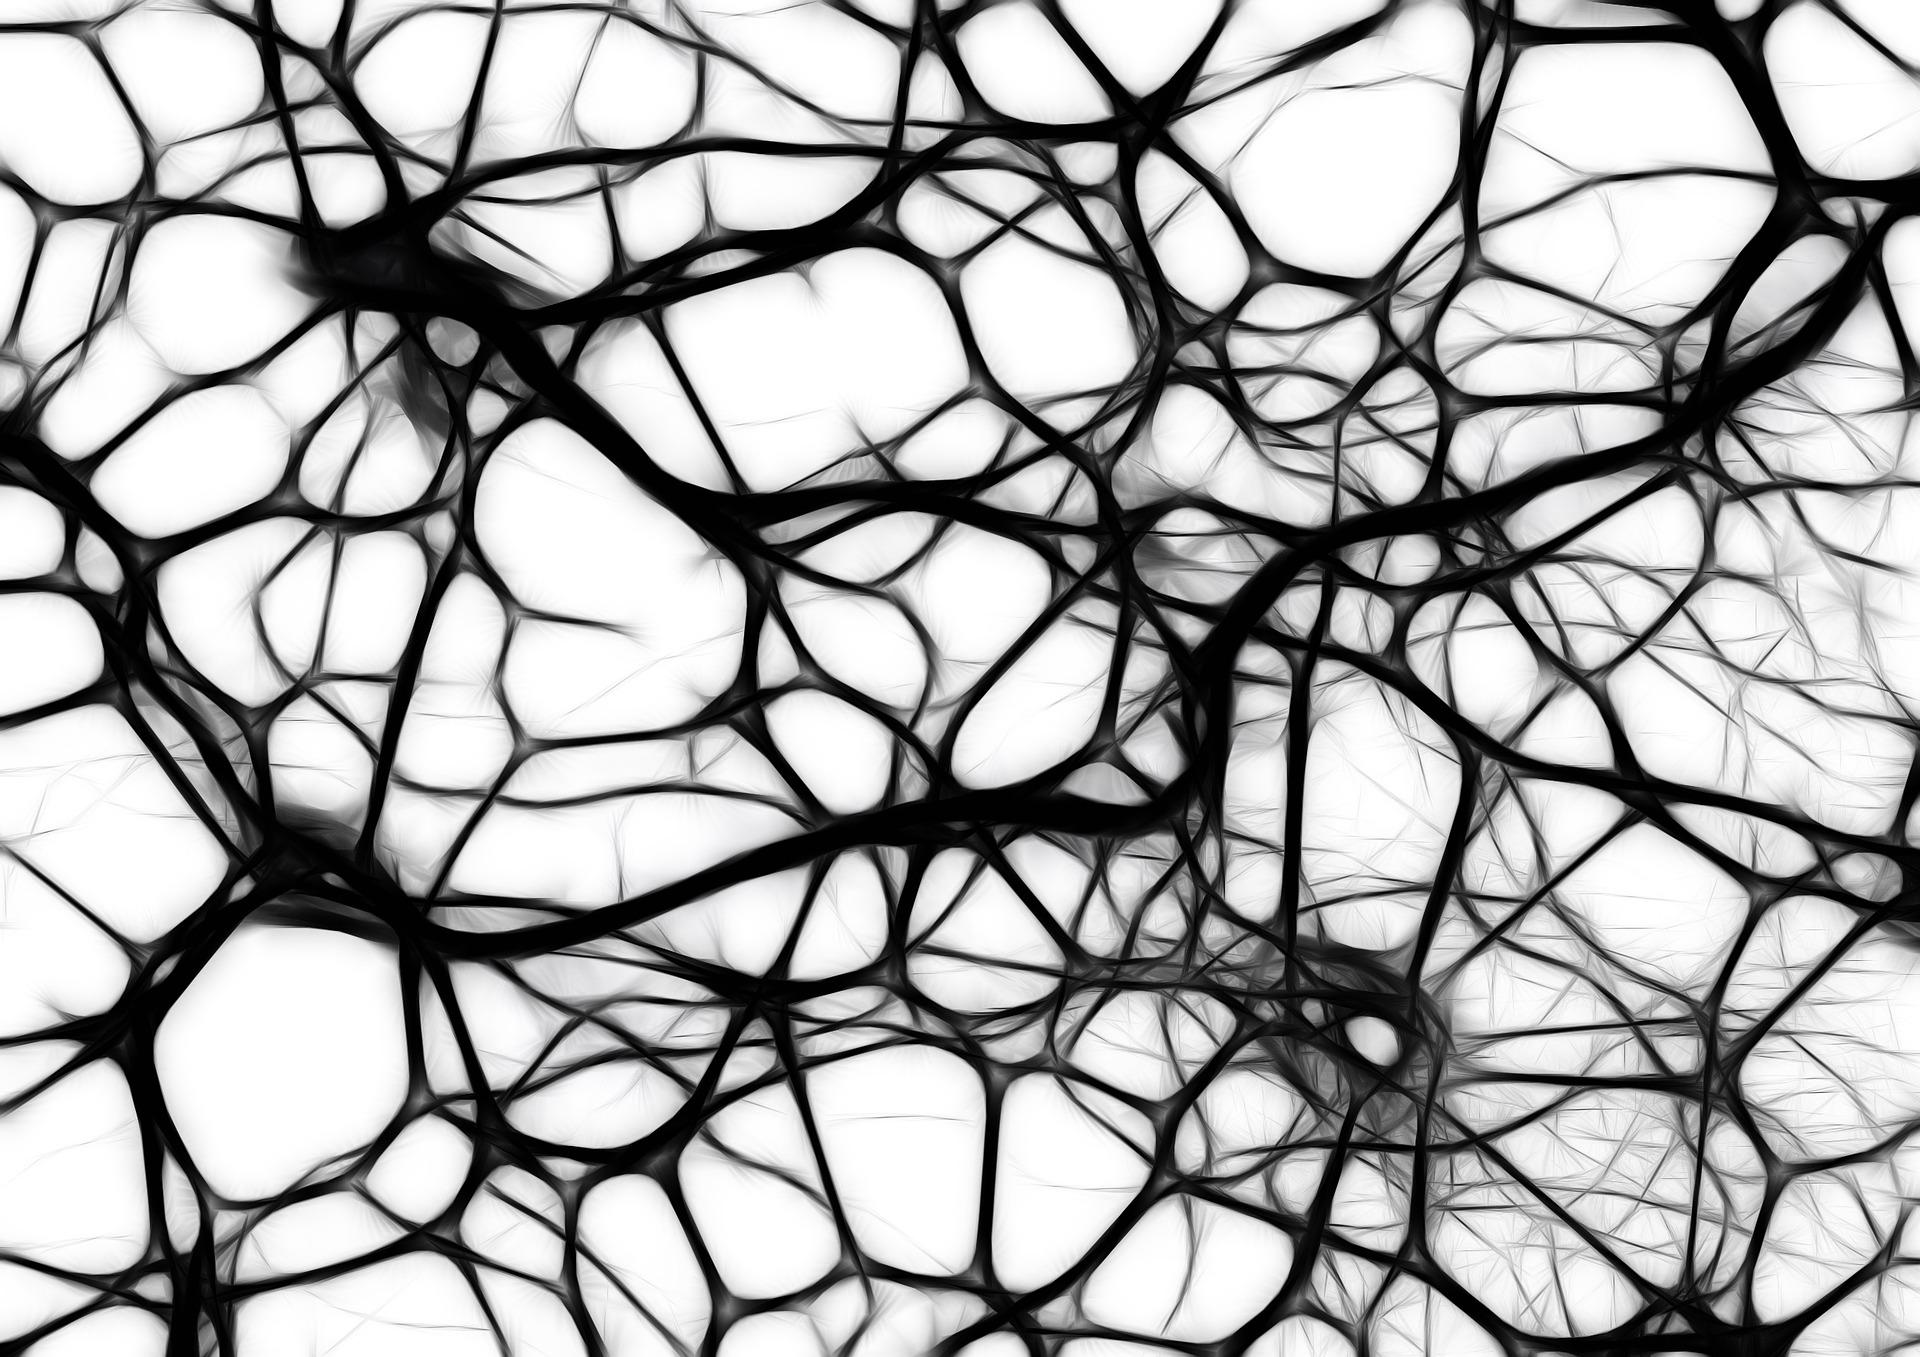 Neuronen Gehirn und Vernetzung